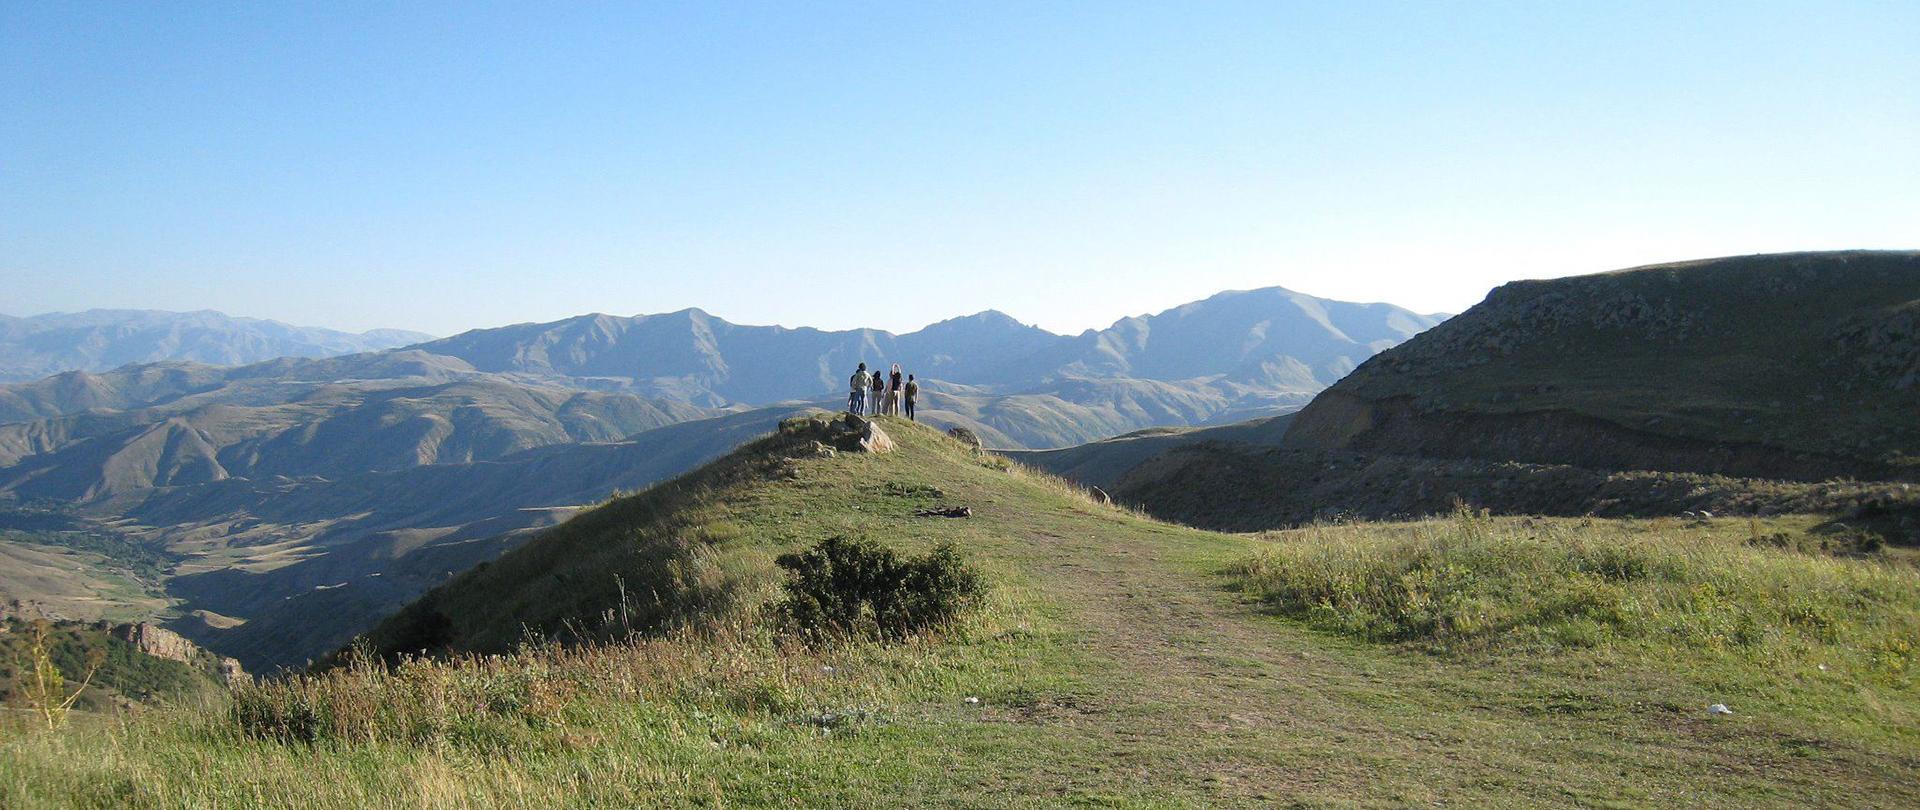 Freiheit in der Nähe des Sewan-Sees in Armenien